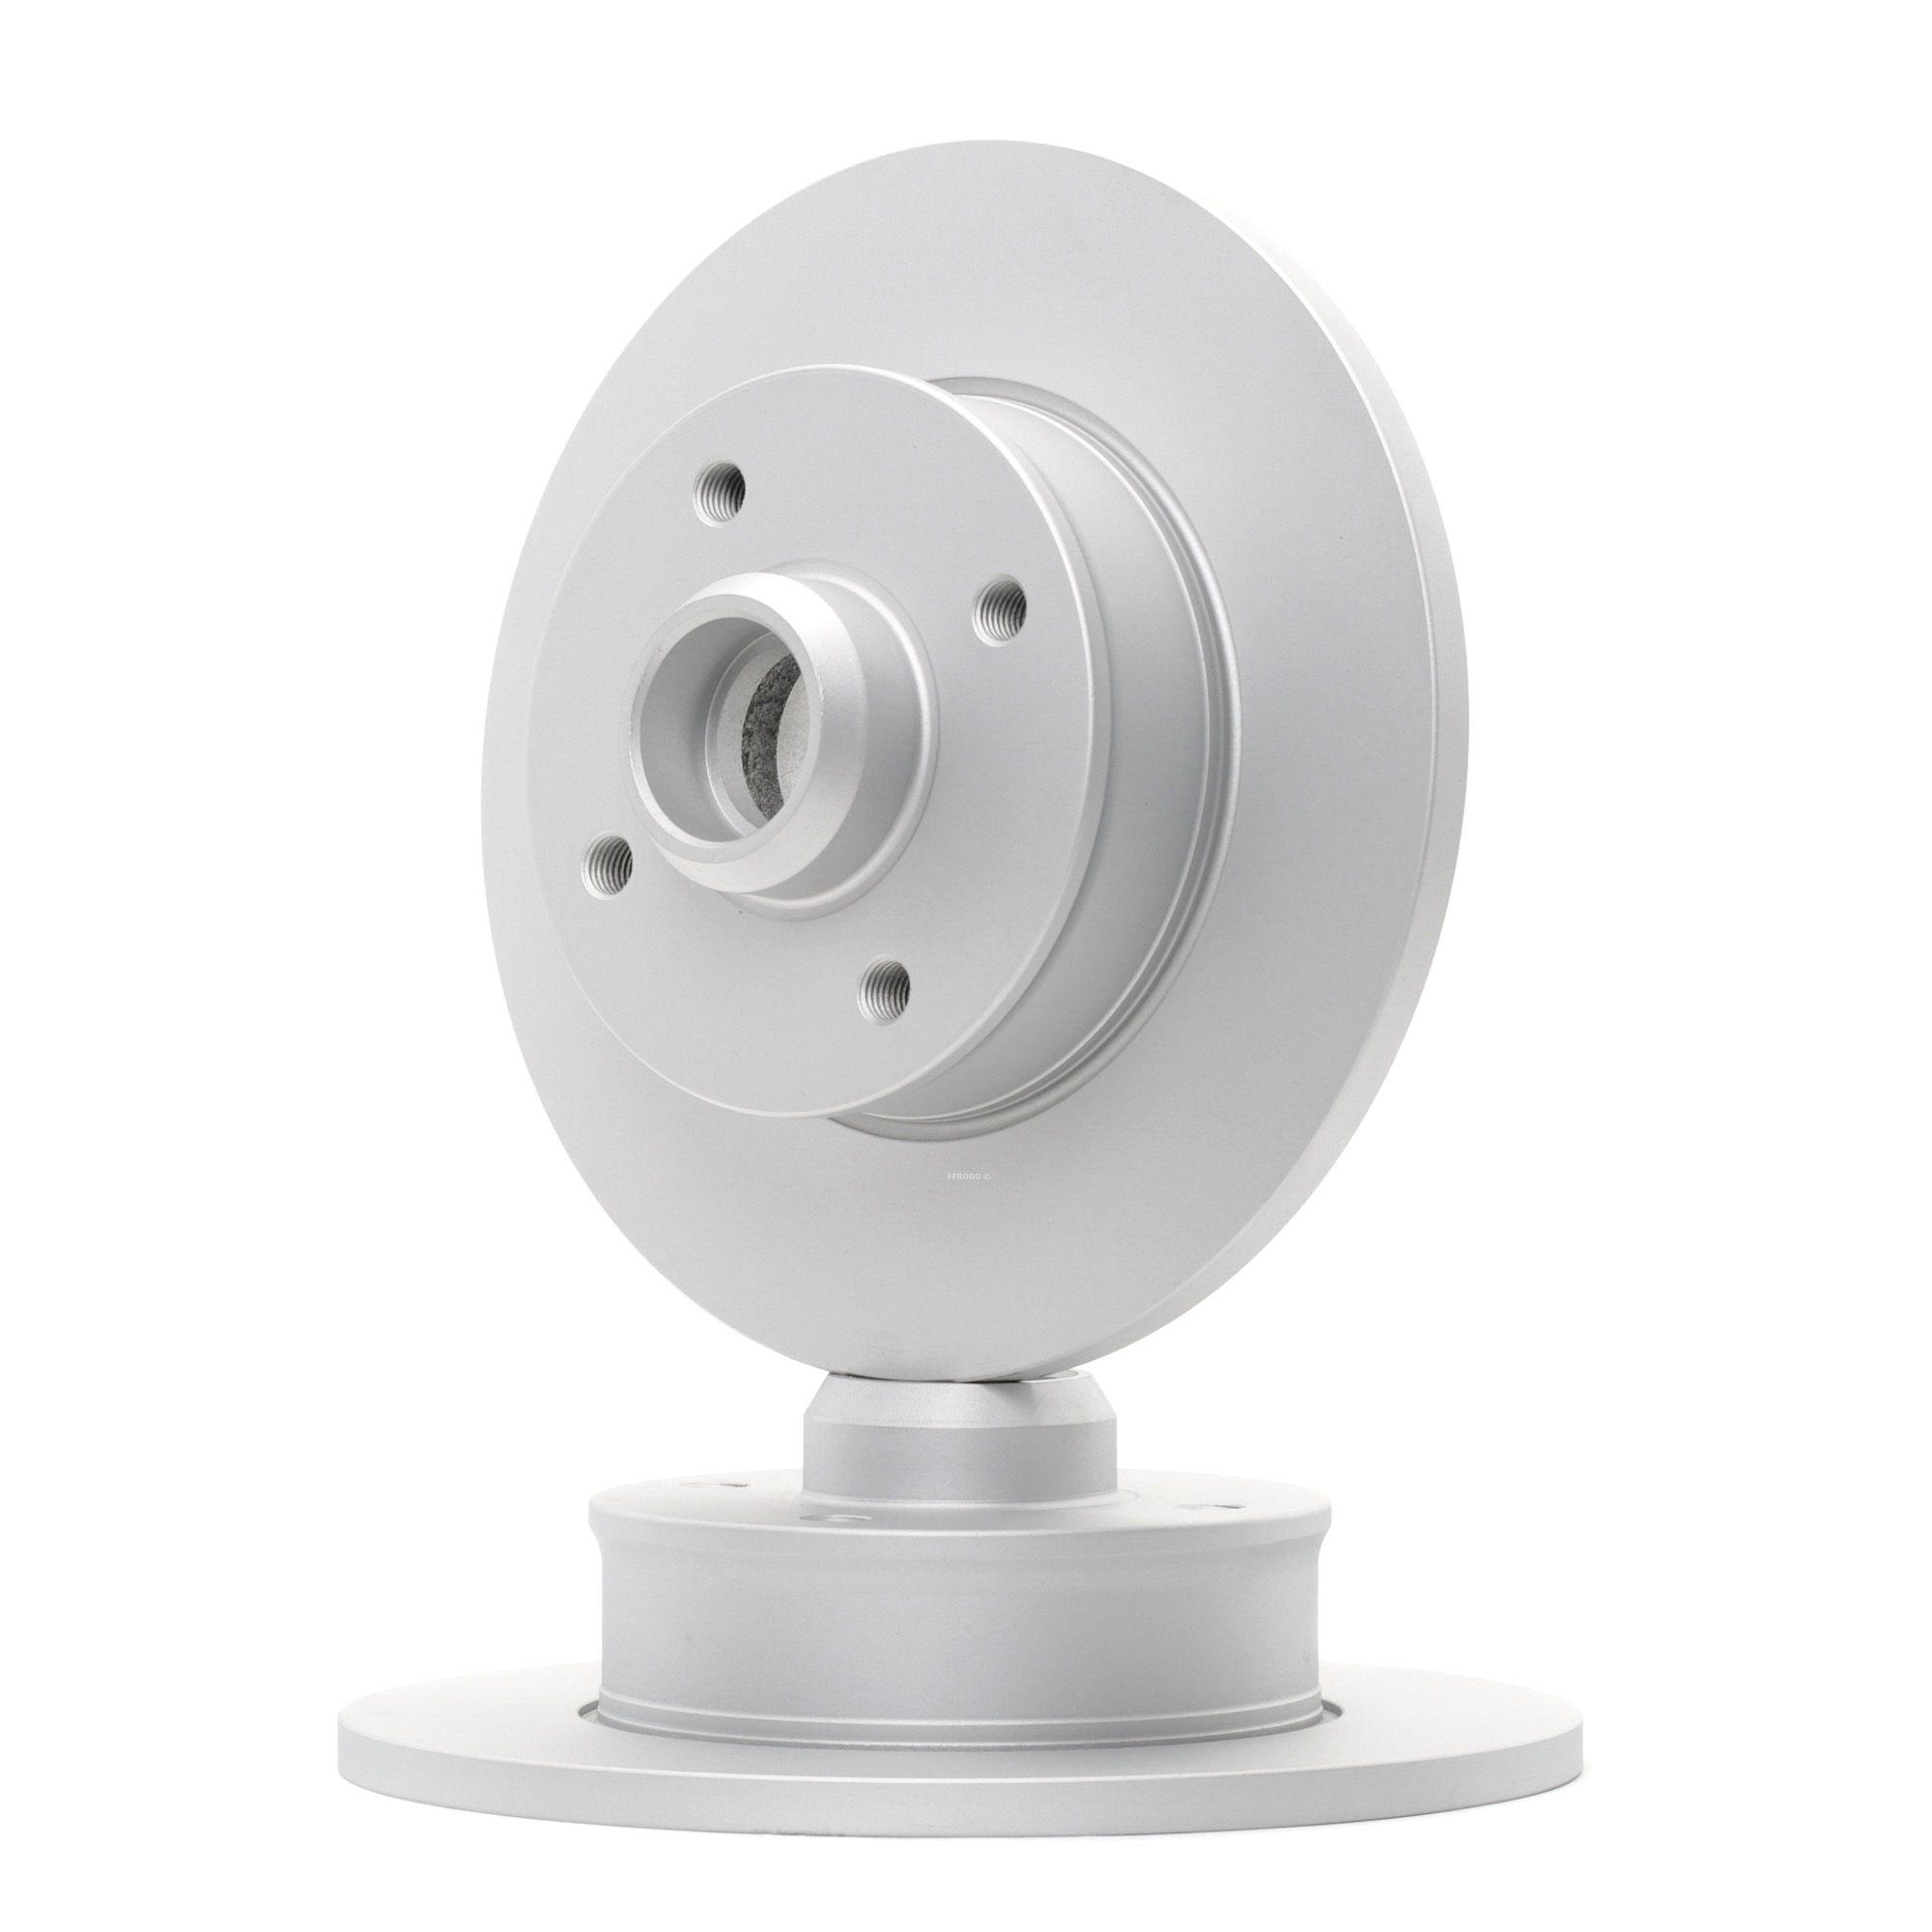 Achetez Disque de frein FERODO DDF137C-1 (Ø: 226mm, Nbre de trous: 4, Épaisseur du disque de frein: 10mm) à un rapport qualité-prix exceptionnel